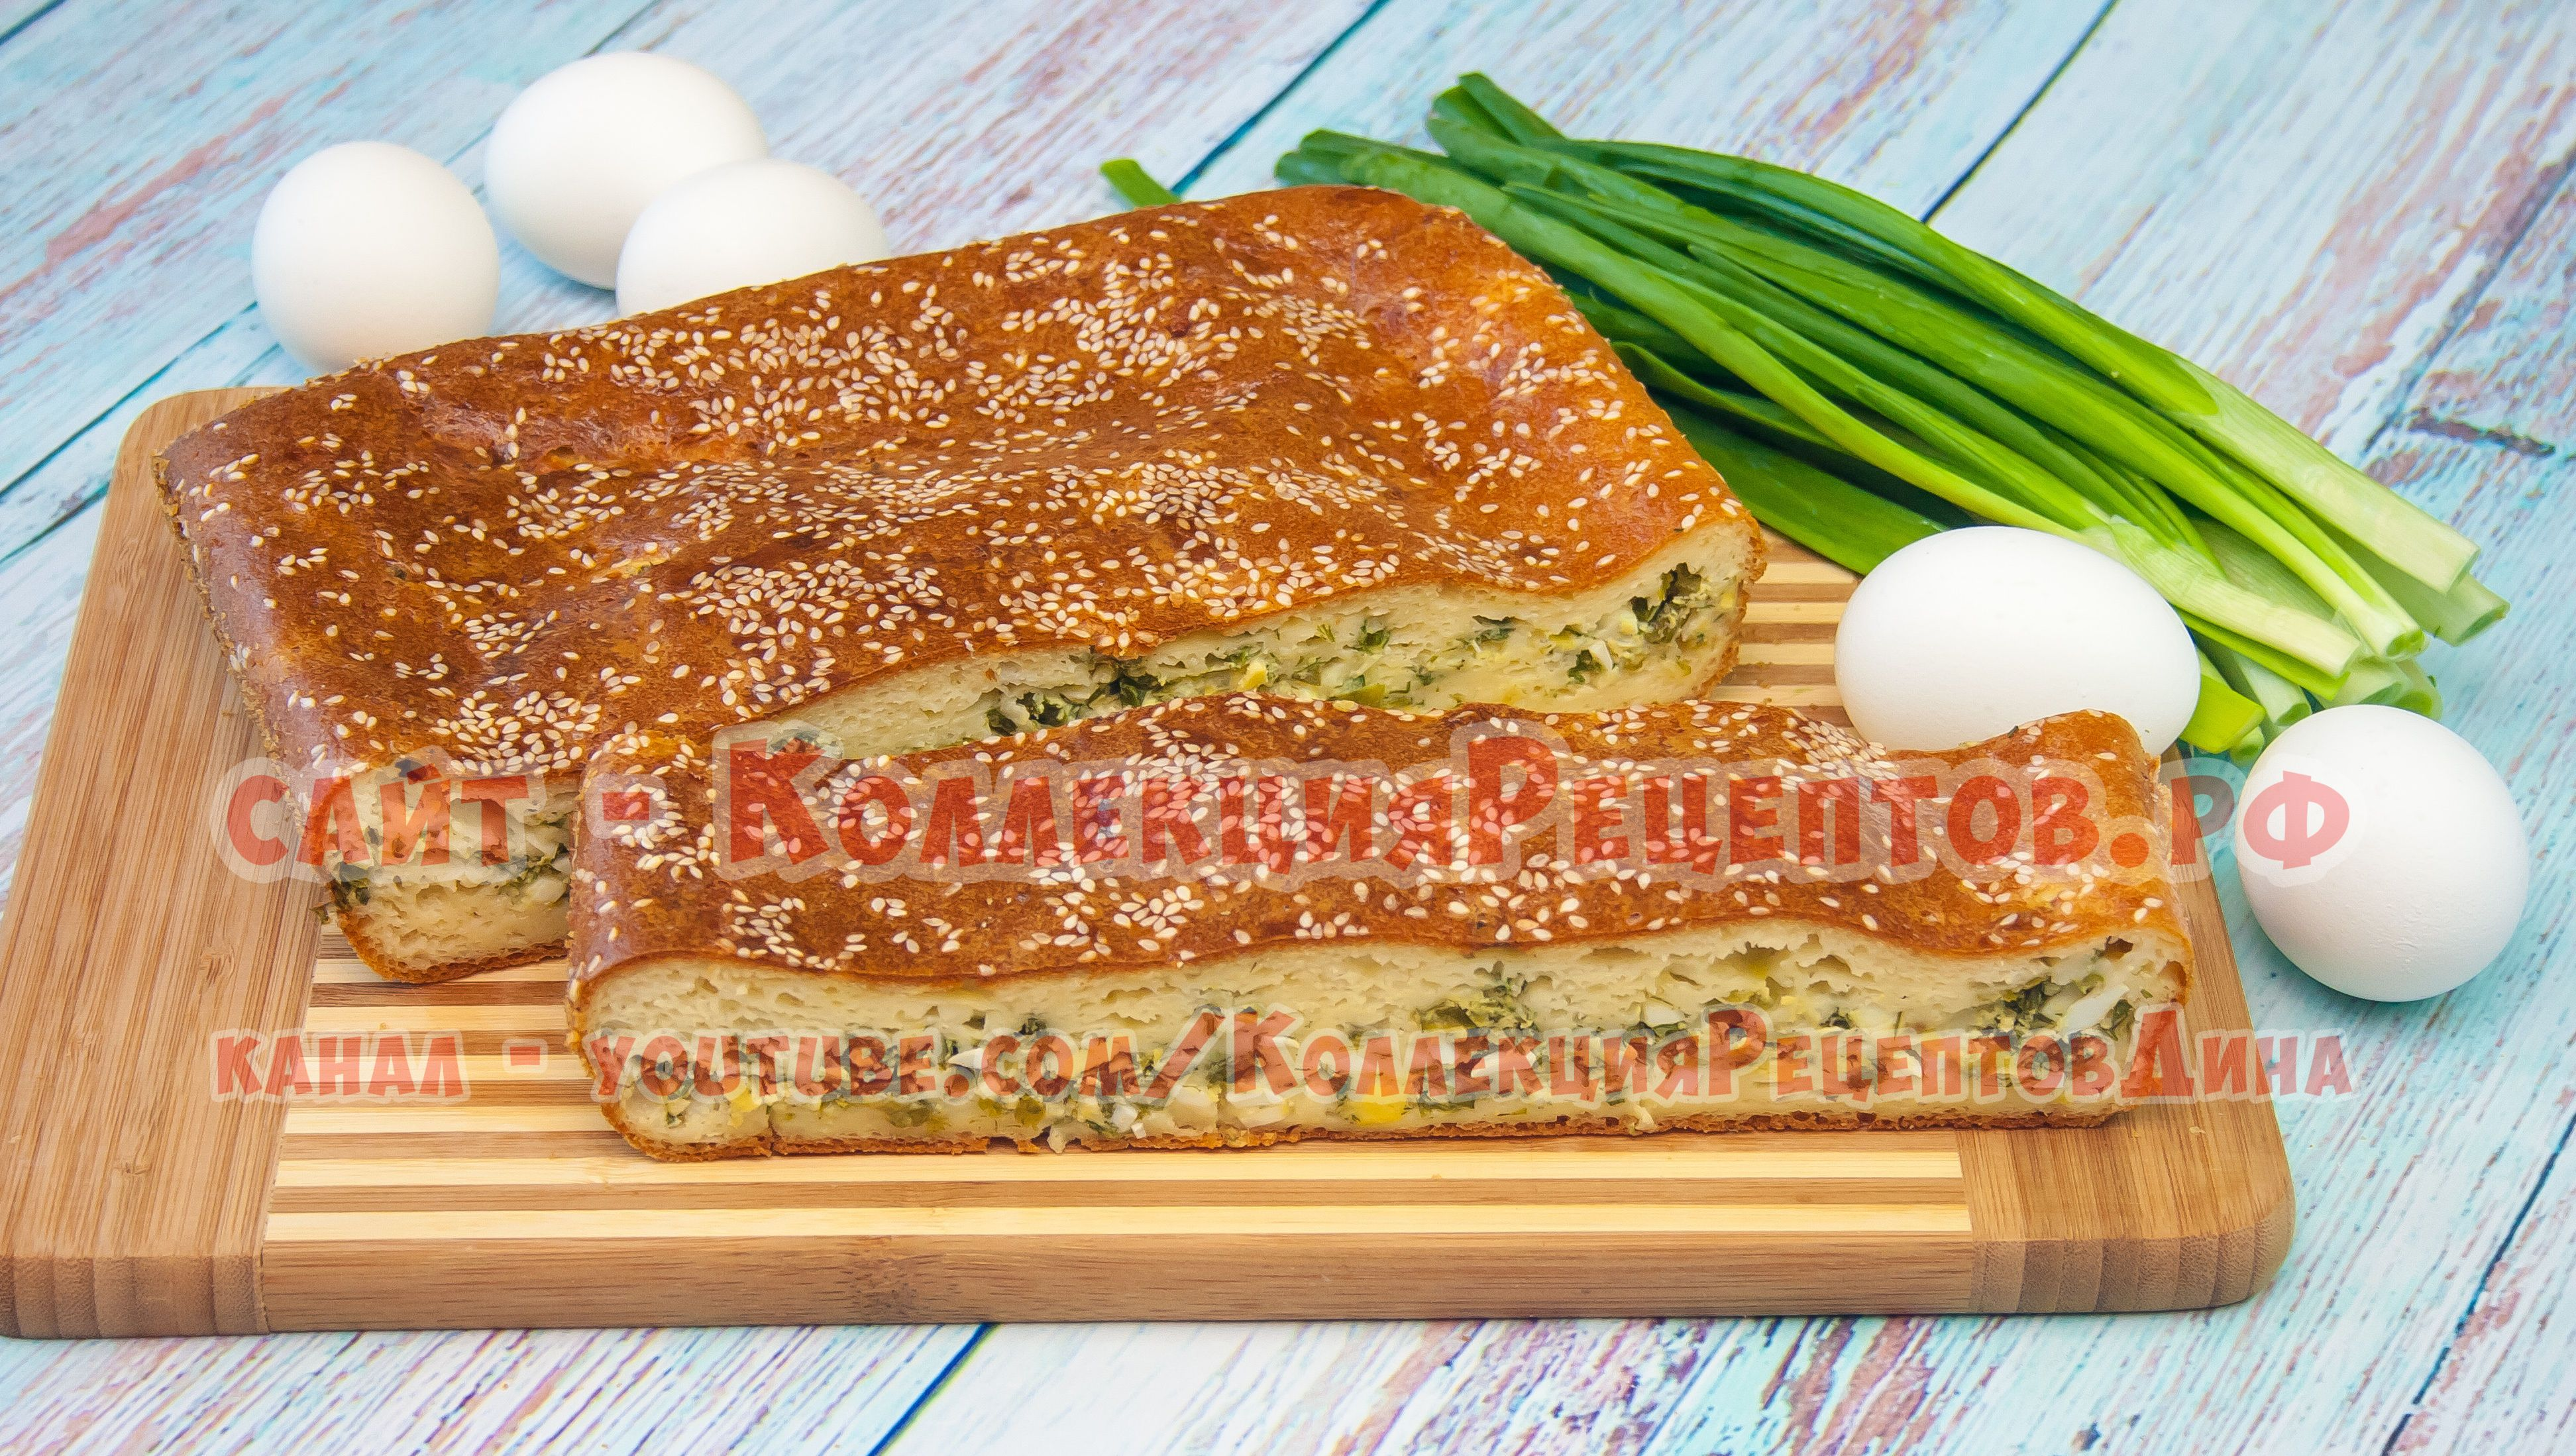 Заливной пирог с зеленым луком и яйцами рецепт пошагово